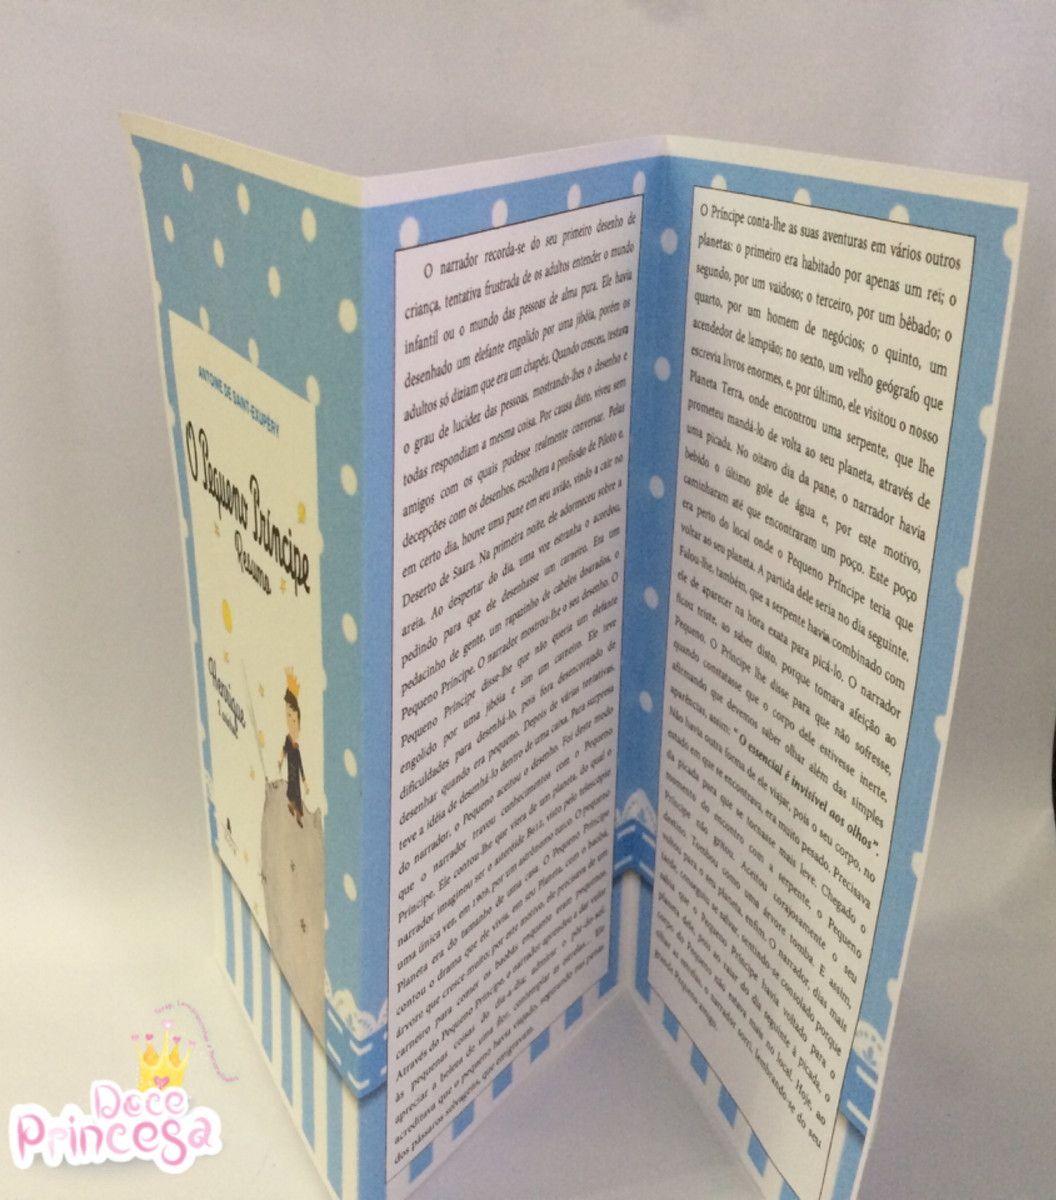 Pequeno Principe Resumo Do Livro Com Imagens Resumo Do Livro